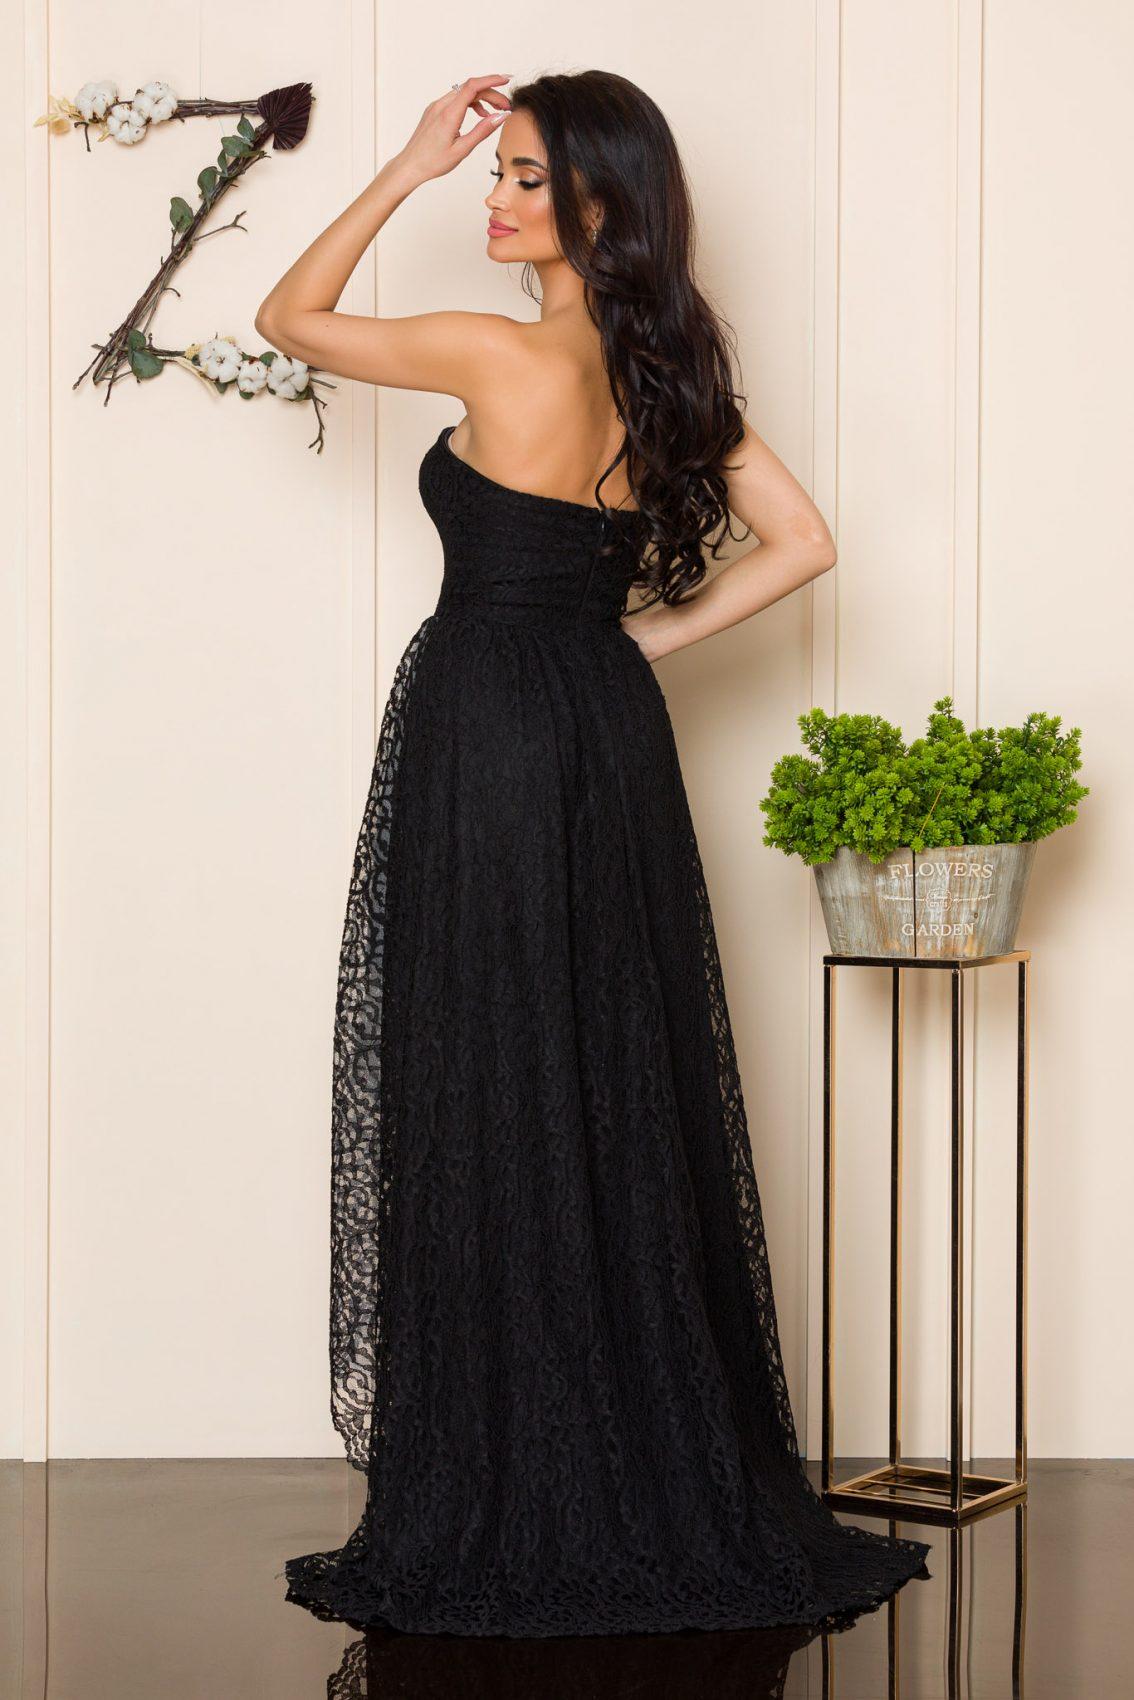 Μαύρο Μάξι Φόρεμα Από Δαντέλα Feeling A163 2